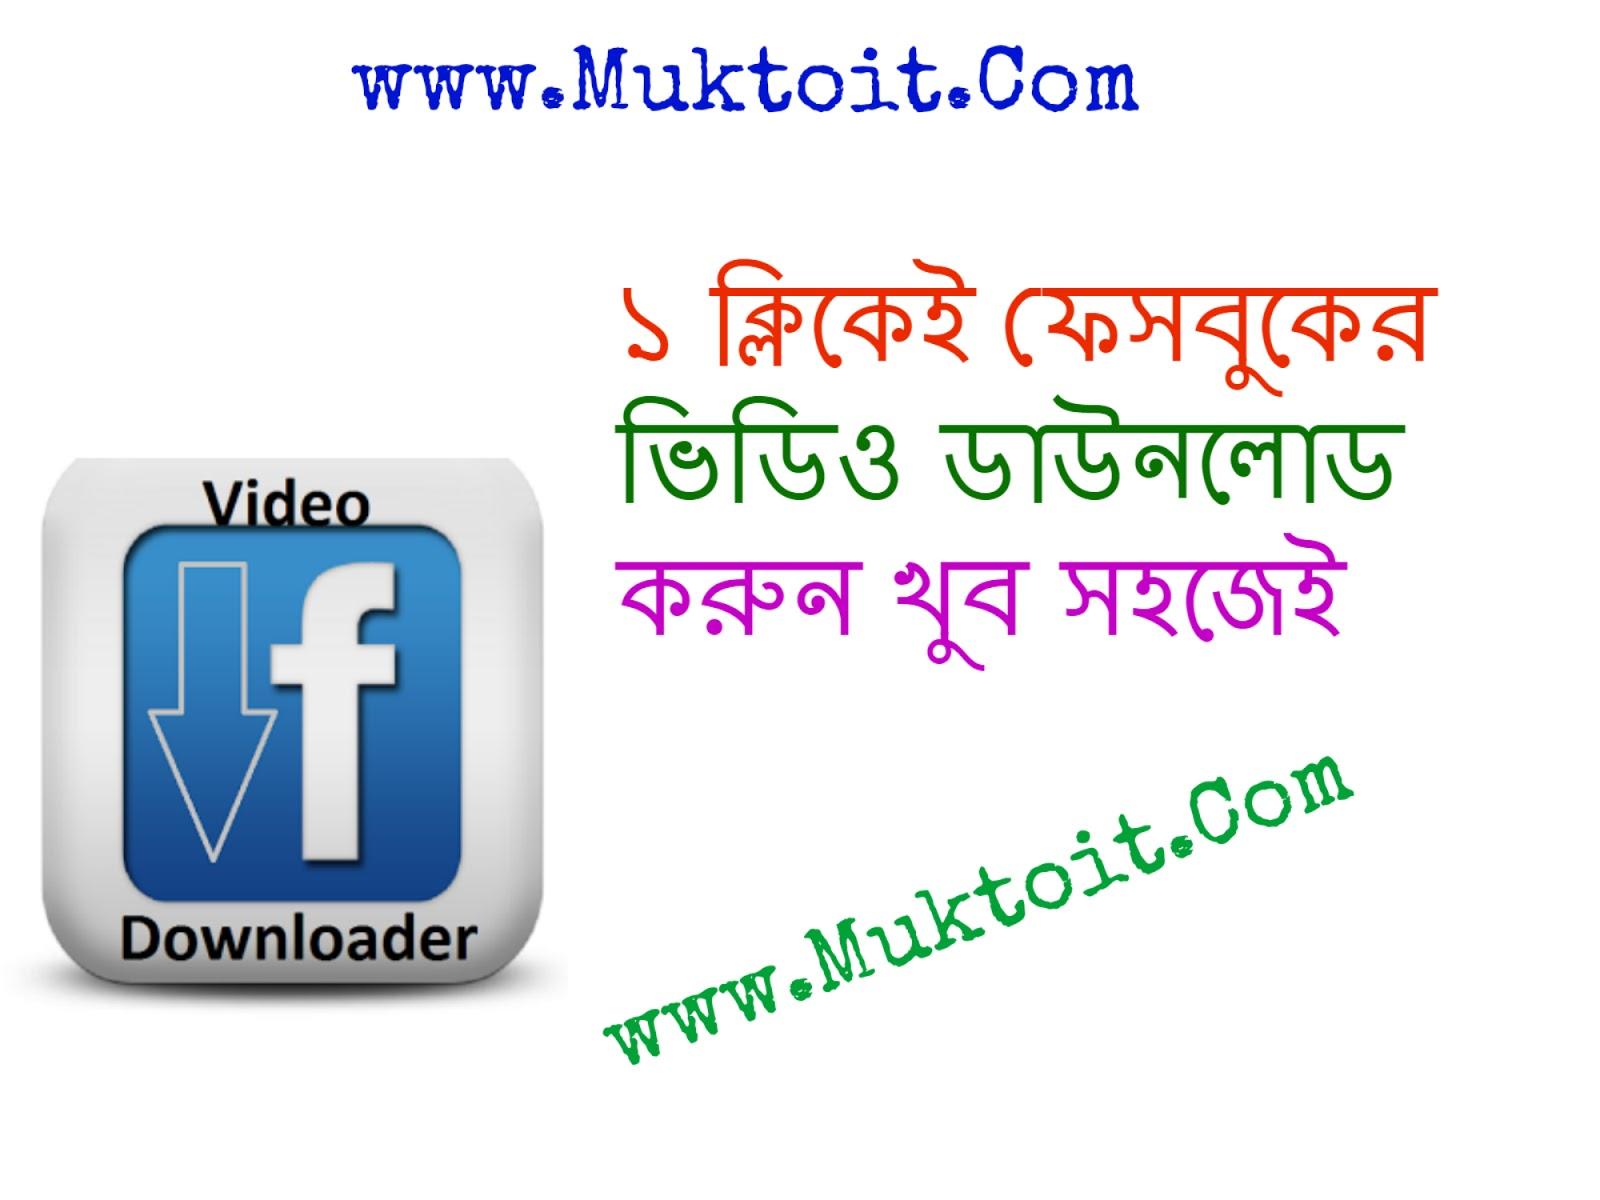 Download facebook fb video ফেসবুকের ভিডিও ডাউনলোড